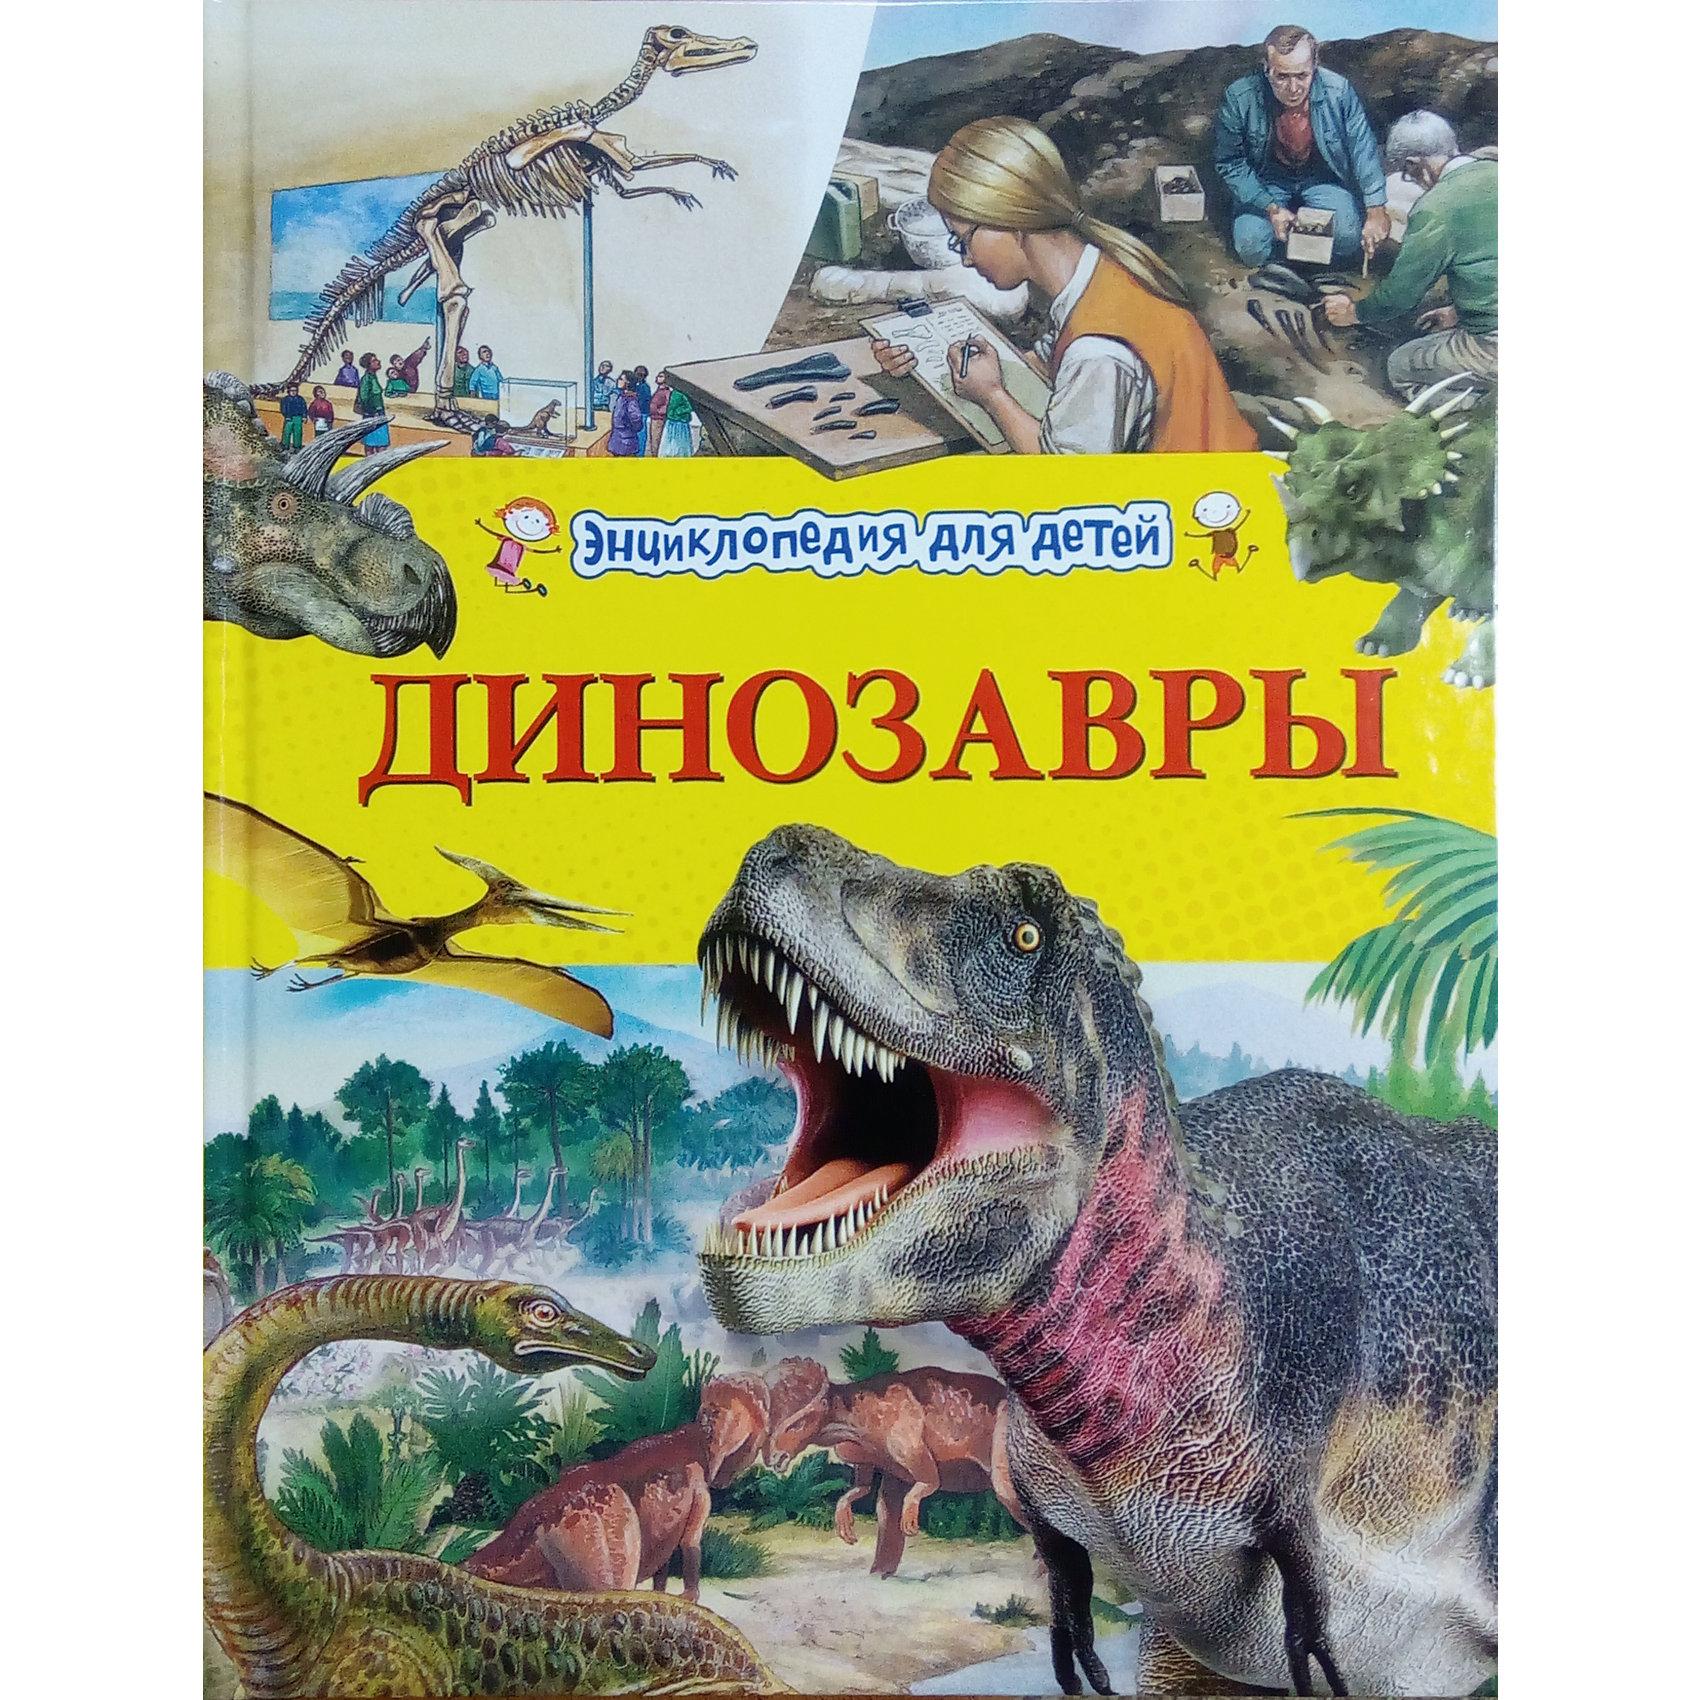 Энциклопедия для детей ДинозаврыЭта книга - путеводитель по огромному и загадочному миру динозавров. Читатель совершит увлекательное путешествие в мир удивительных доисторических животных, властвовавших на Земле почти 150 миллионов лет, и узнает все об их невероятной жизни - способах выживания, охотничьем мастерстве, маскировке, размножении, органах чувств, а также о следах, которые они оставили на нашей планете, об их внешнем виде, образе жизни и повадках. Издание проиллюстрировано великолепными фотографиями и забавными рисунками.<br><br>Ширина мм: 263<br>Глубина мм: 203<br>Высота мм: 5<br>Вес г: 337<br>Возраст от месяцев: 60<br>Возраст до месяцев: 144<br>Пол: Унисекс<br>Возраст: Детский<br>SKU: 4756084